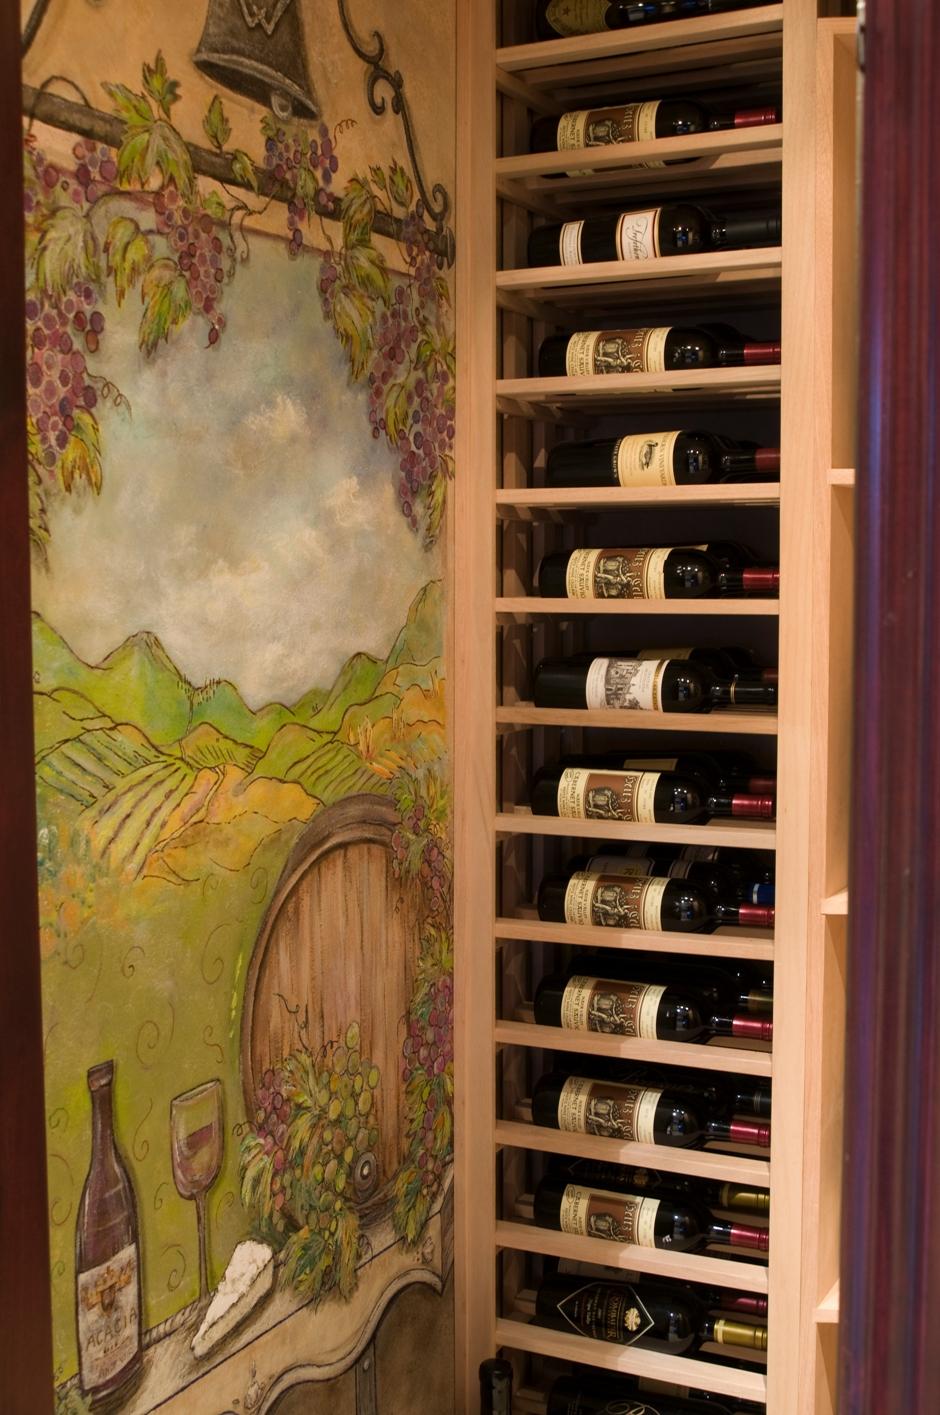 Mural Wine Cellar Art